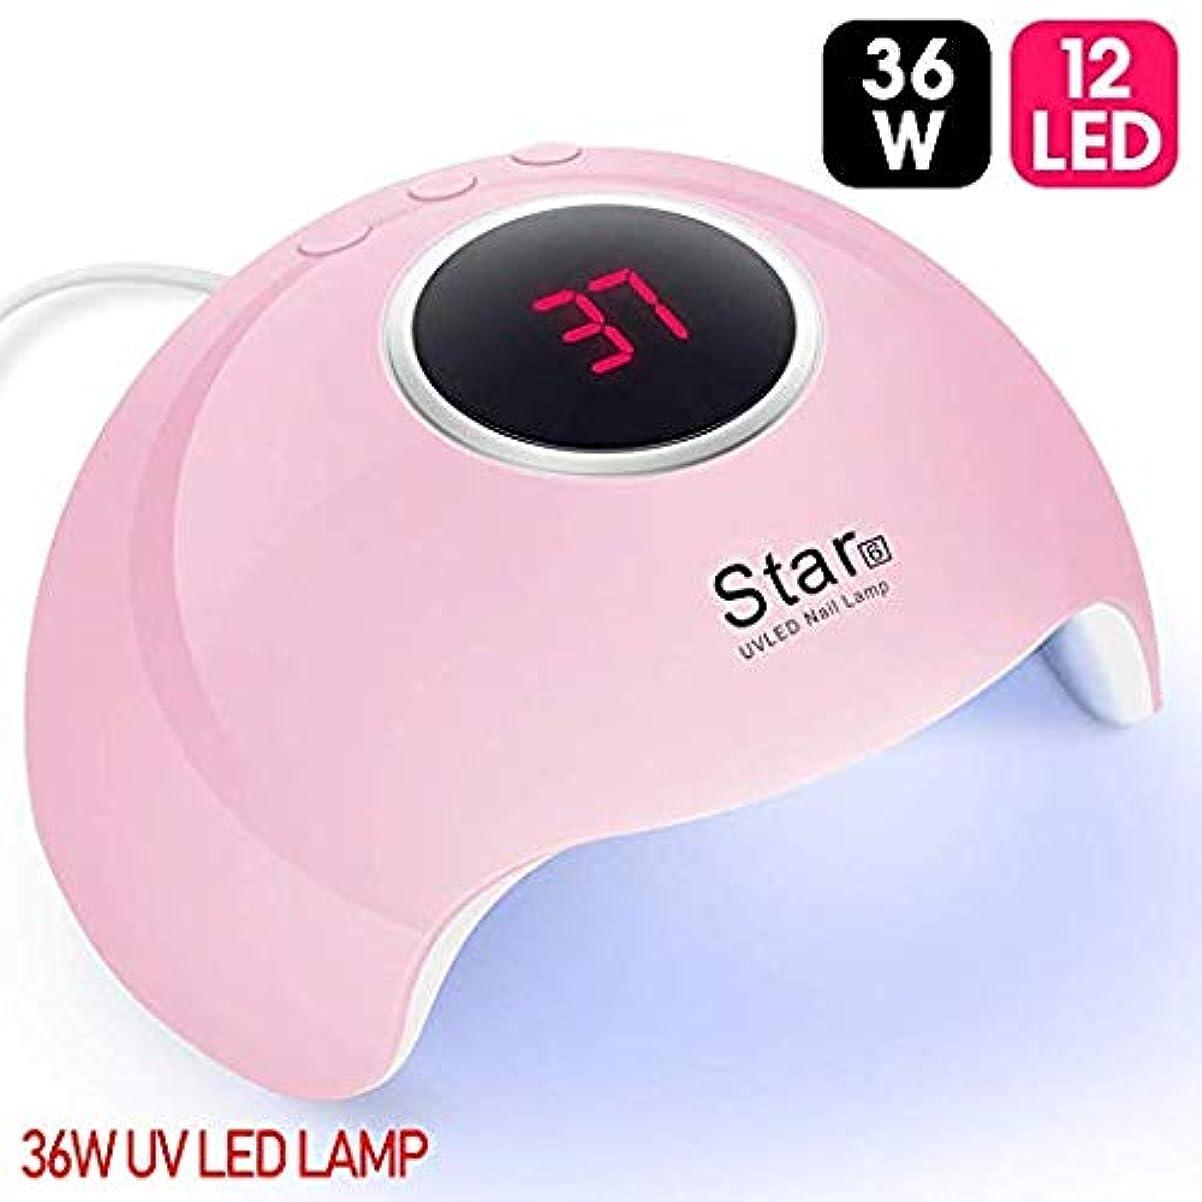 シフトフレットペネロペネイルライト led ネイルドライヤー 硬化用uvライト ジェルネイル 36W LED 硬化 UVライト 高速硬化ジェルネイルライト赤外線検知 手&足両用 自動センサー 3段階タイマー付きUSB式 (ピンク1)